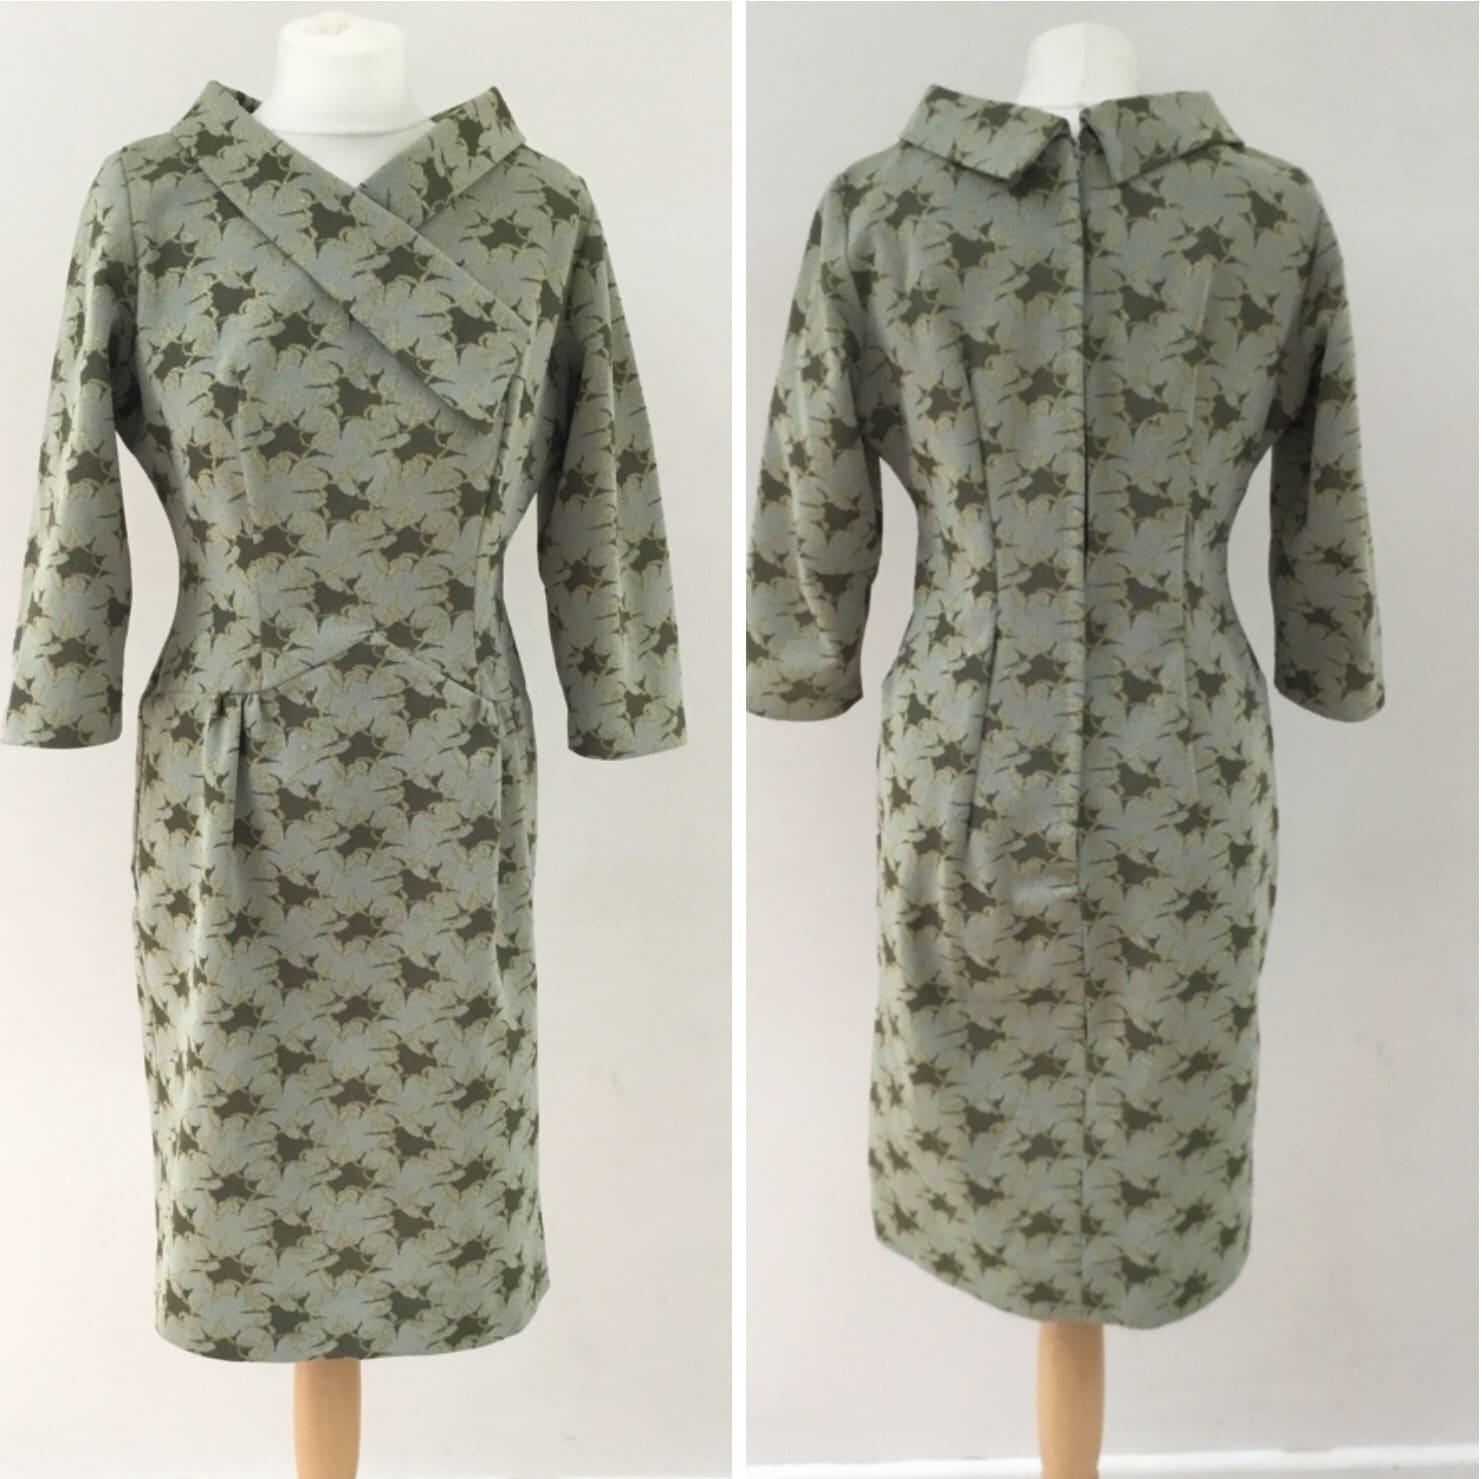 1960s crimplene day dress